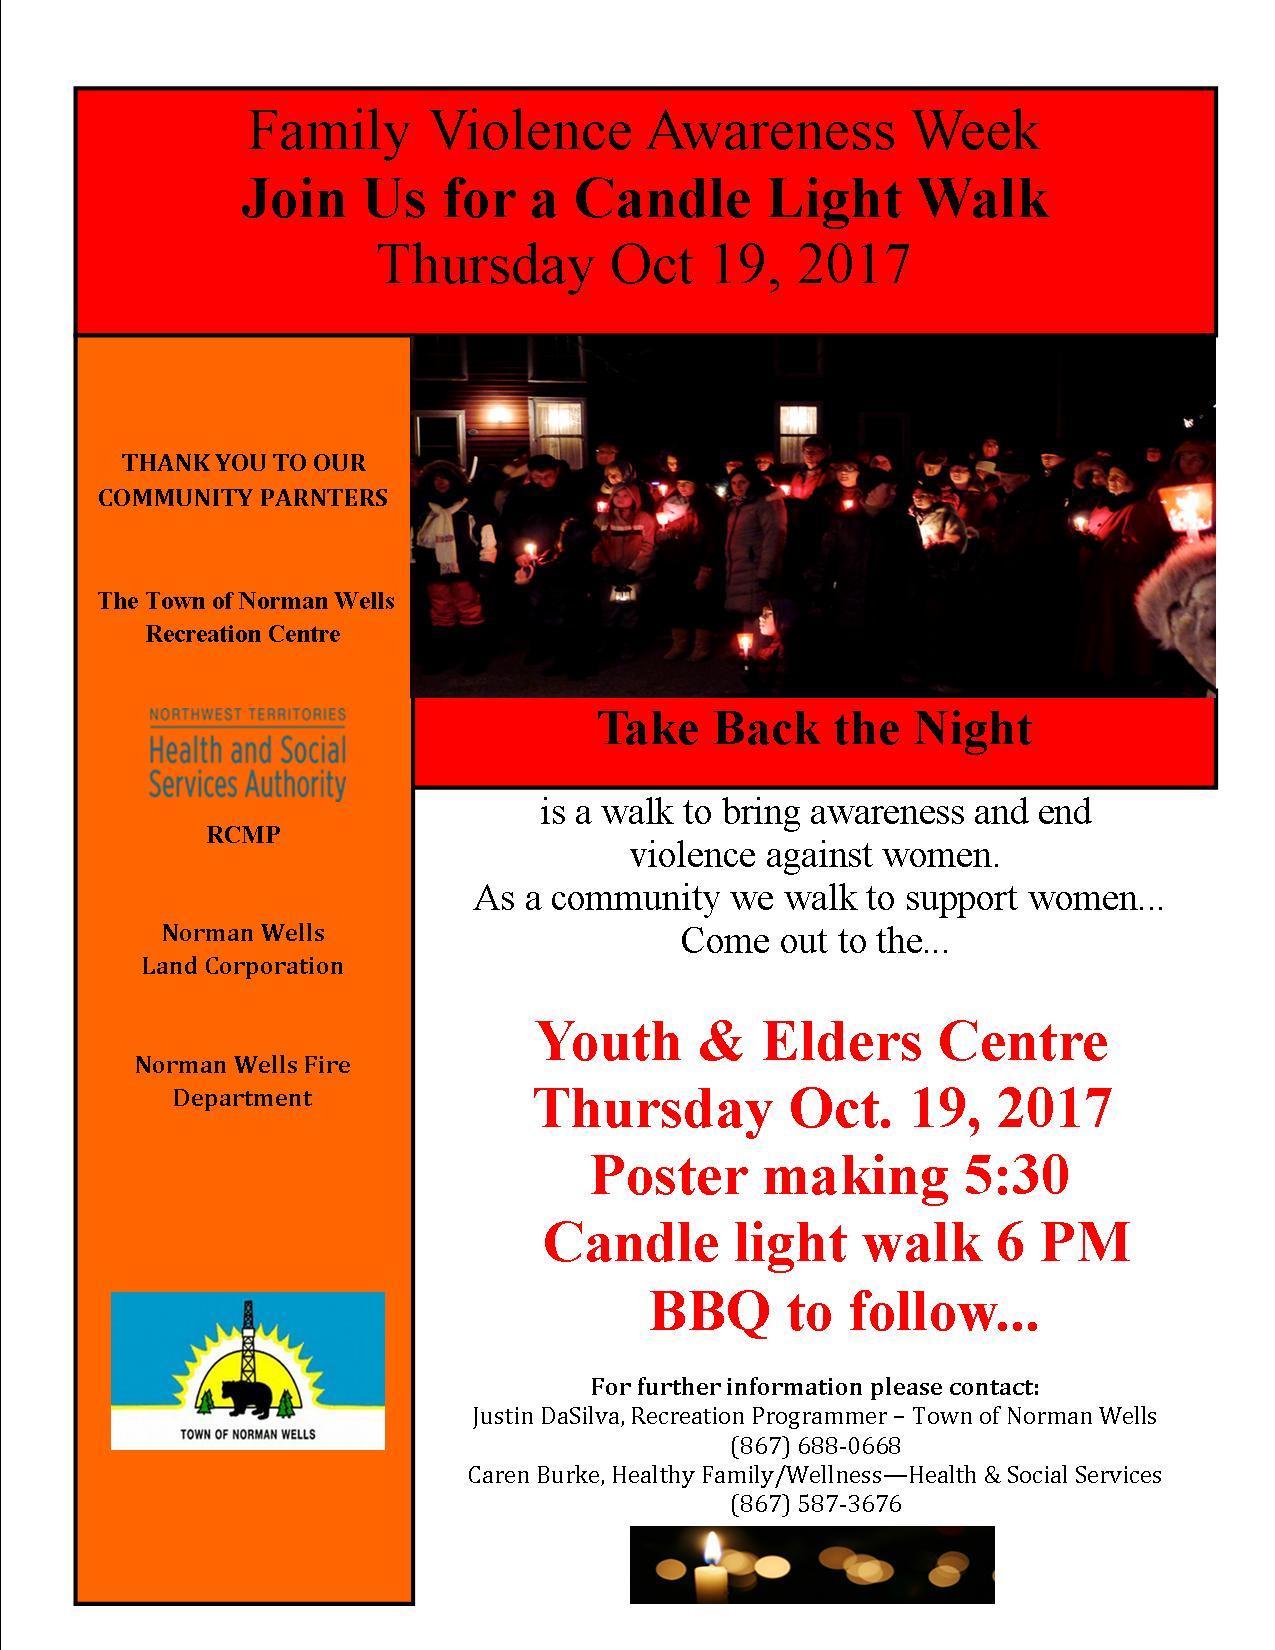 Poster Candle light walk Oct 19 2017.jpg